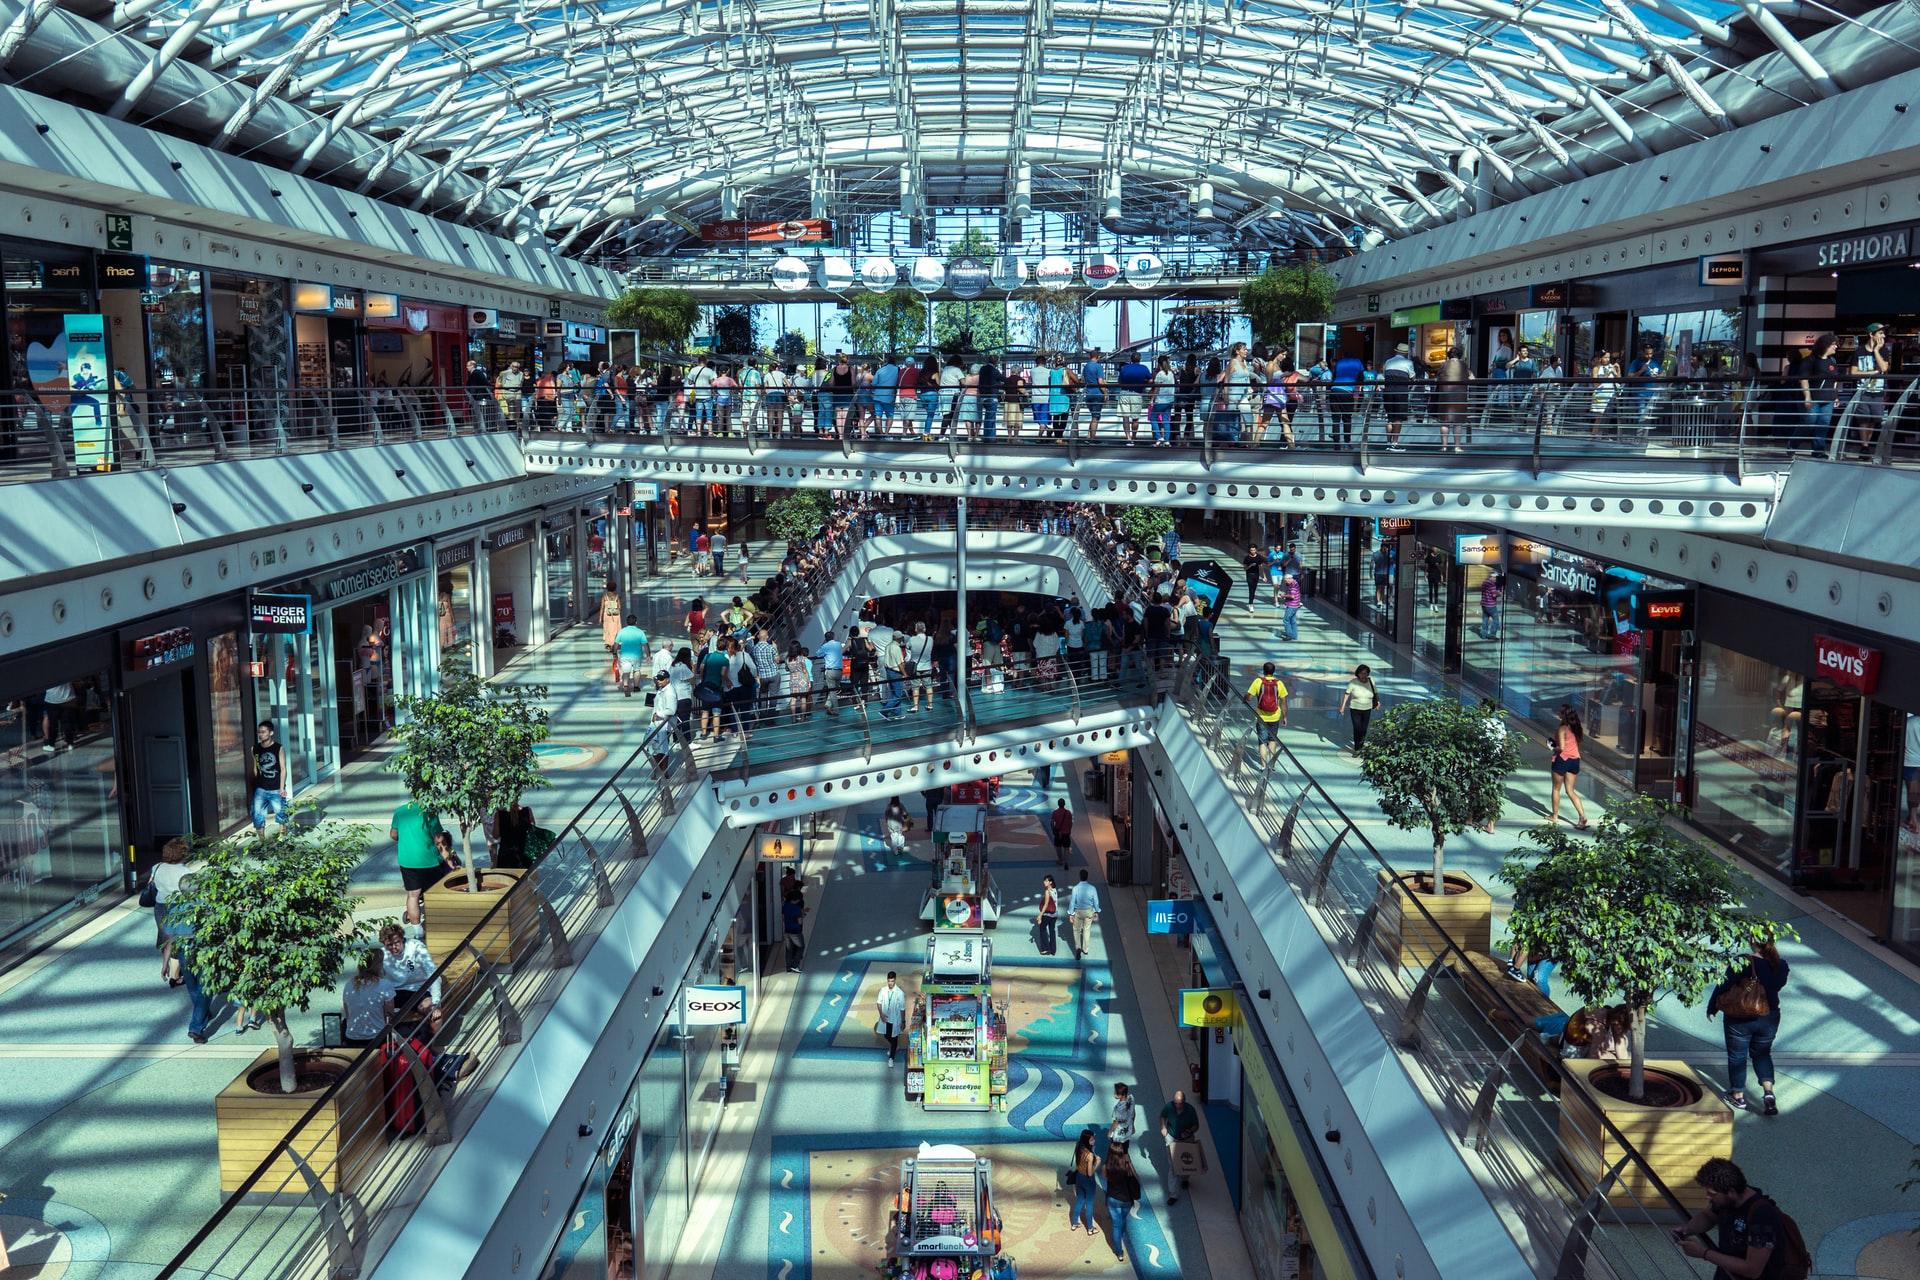 centro comercial vasco da gama